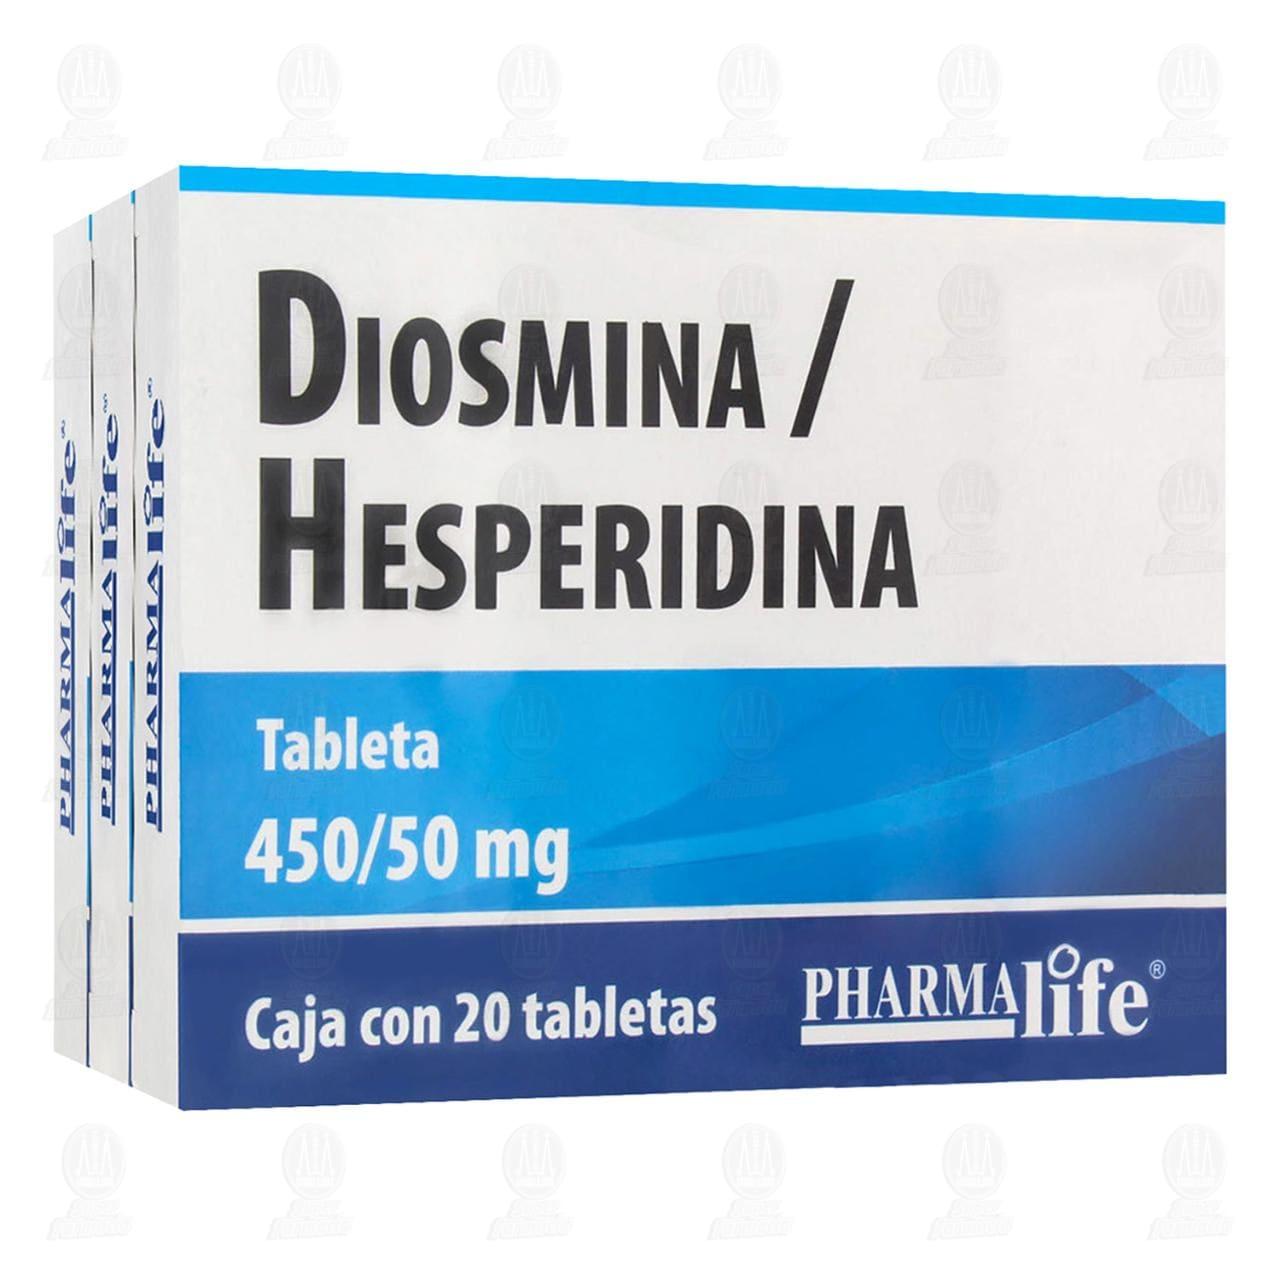 Diosmina Hesperidina 450/50 3 cajas con 20 Tabletas c/u Pharmalife.